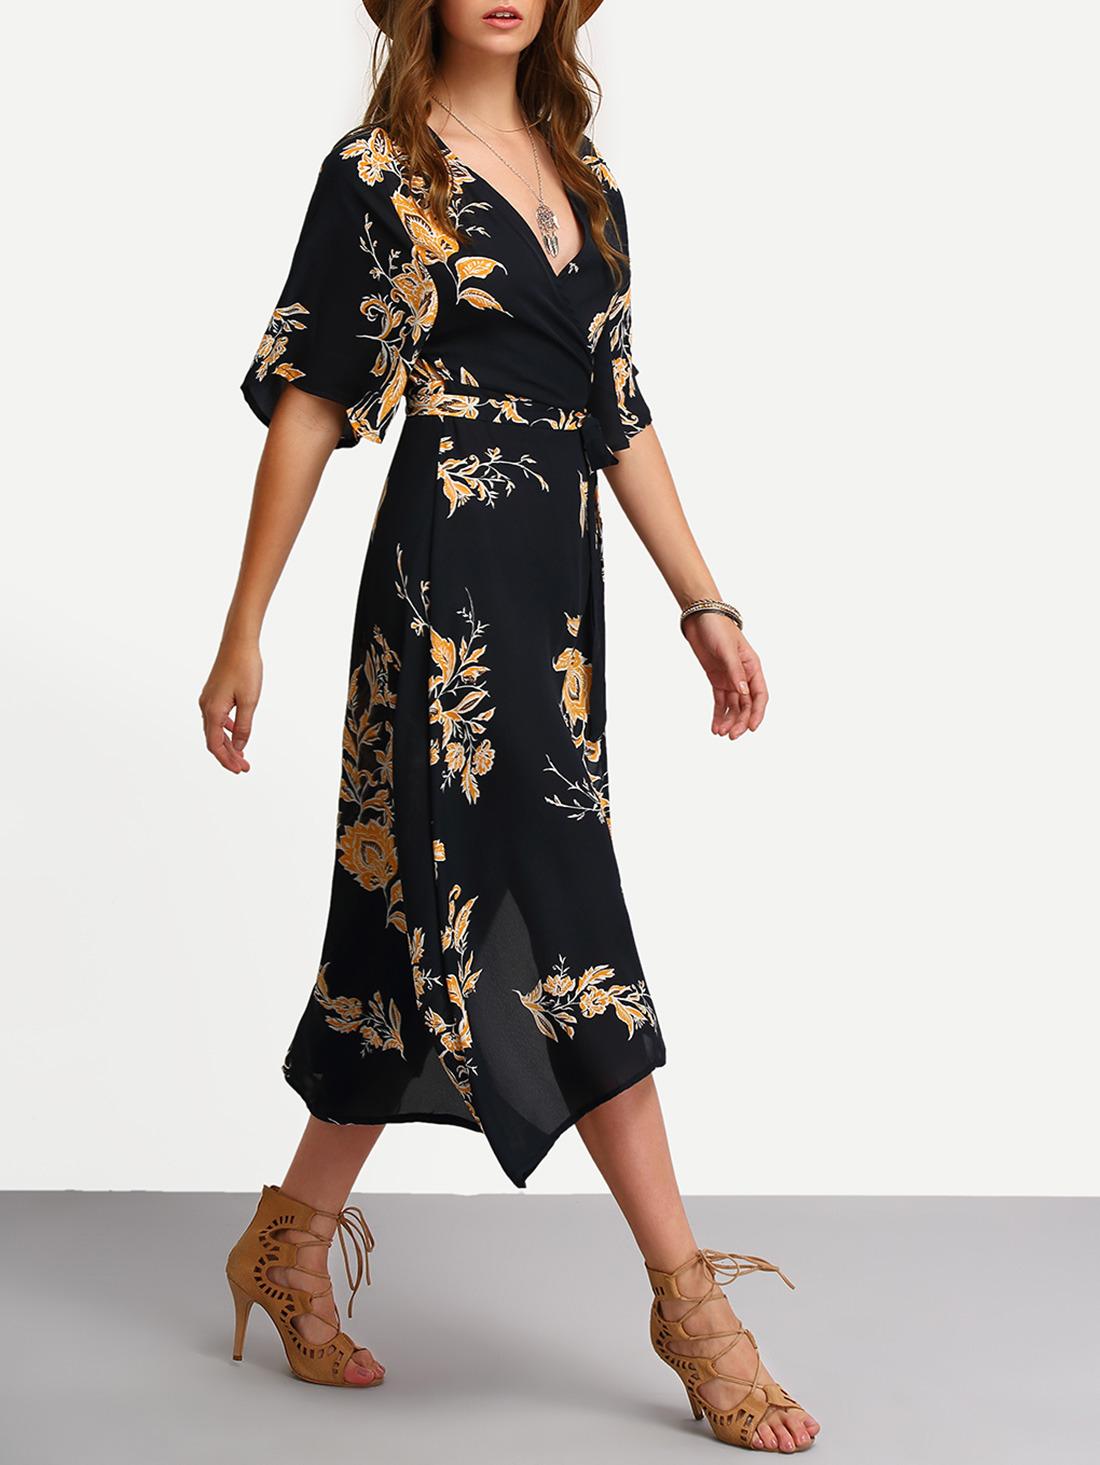 Kleid gewickelt mit v ausschnitt und blumenmuster l ssig schwarz german shein sheinside - Shein damenmode ...